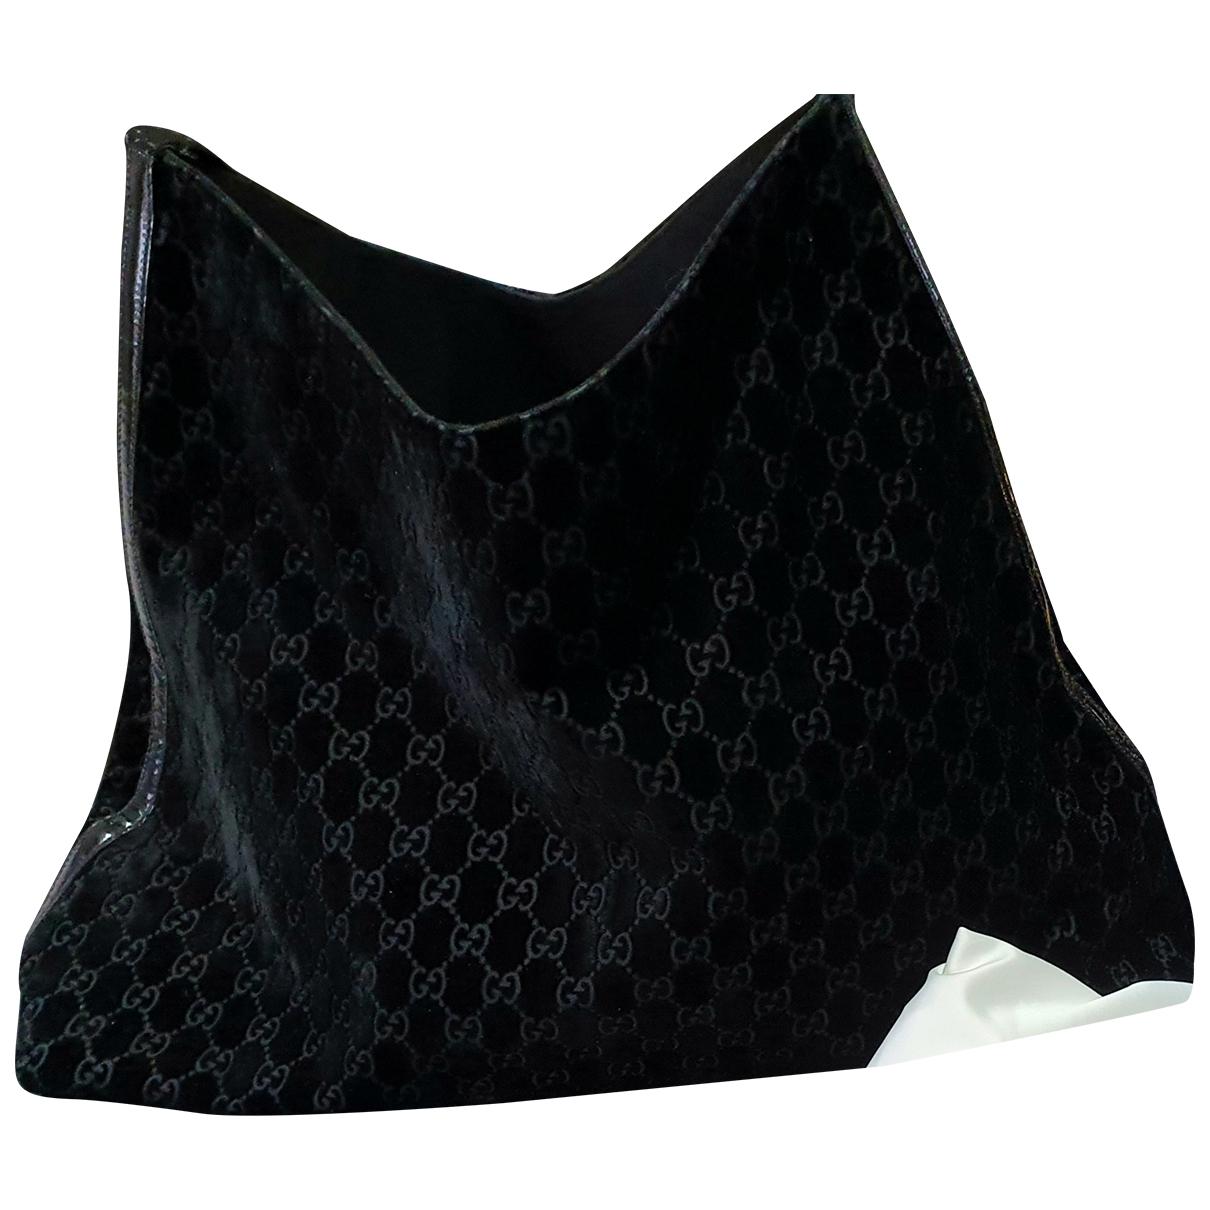 Gucci - Sac a main   pour femme en velours - noir